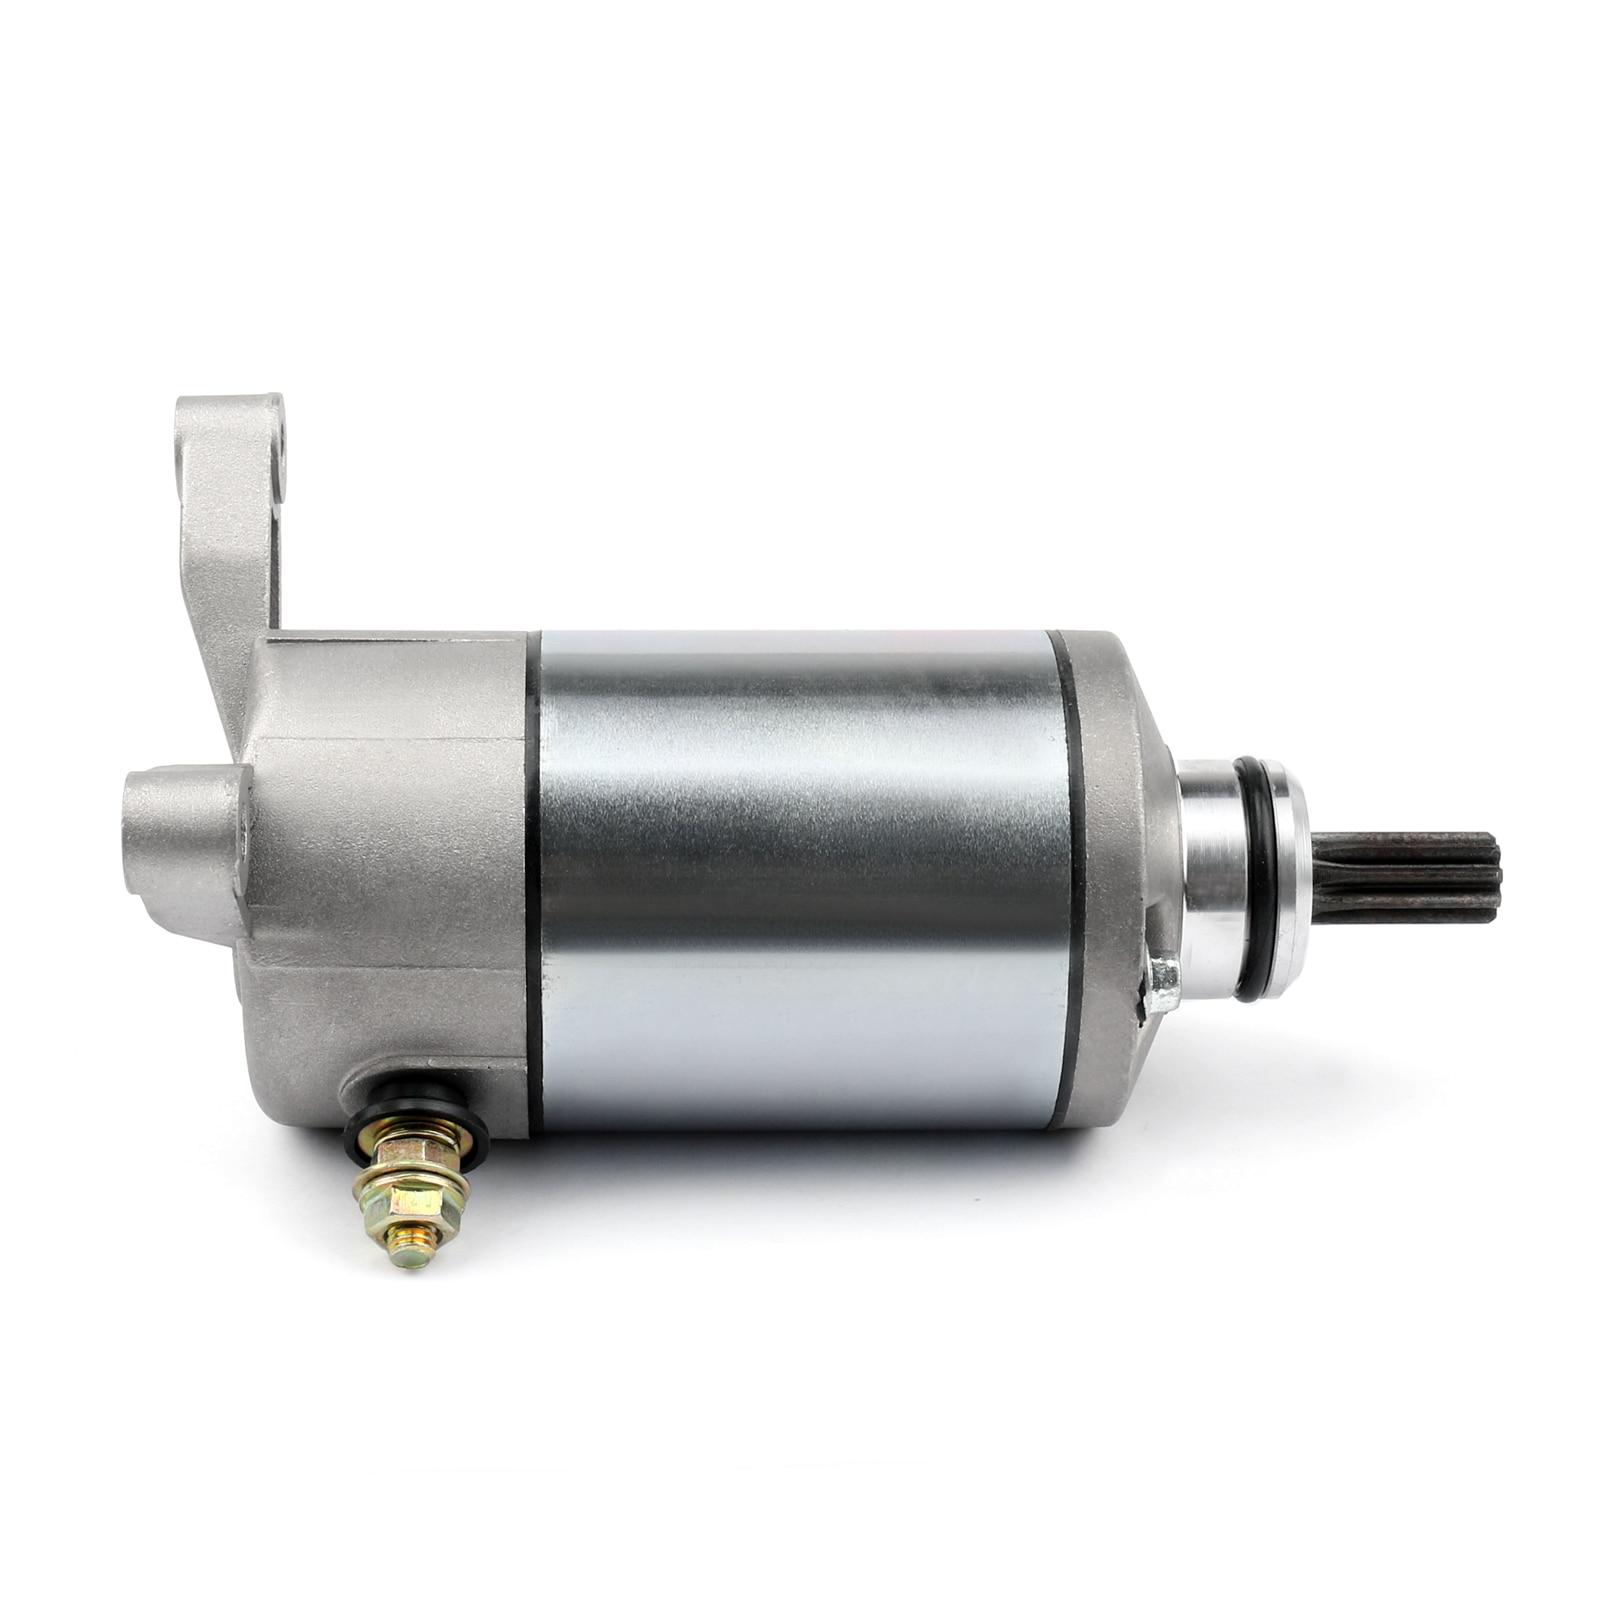 Artudatech بداية المحرك لسوزوكي SFV650 DL650 فولت ستروم SV 400 650 1999-2012 31100-19F00 31100-19F10 دراجة نارية الملحقات